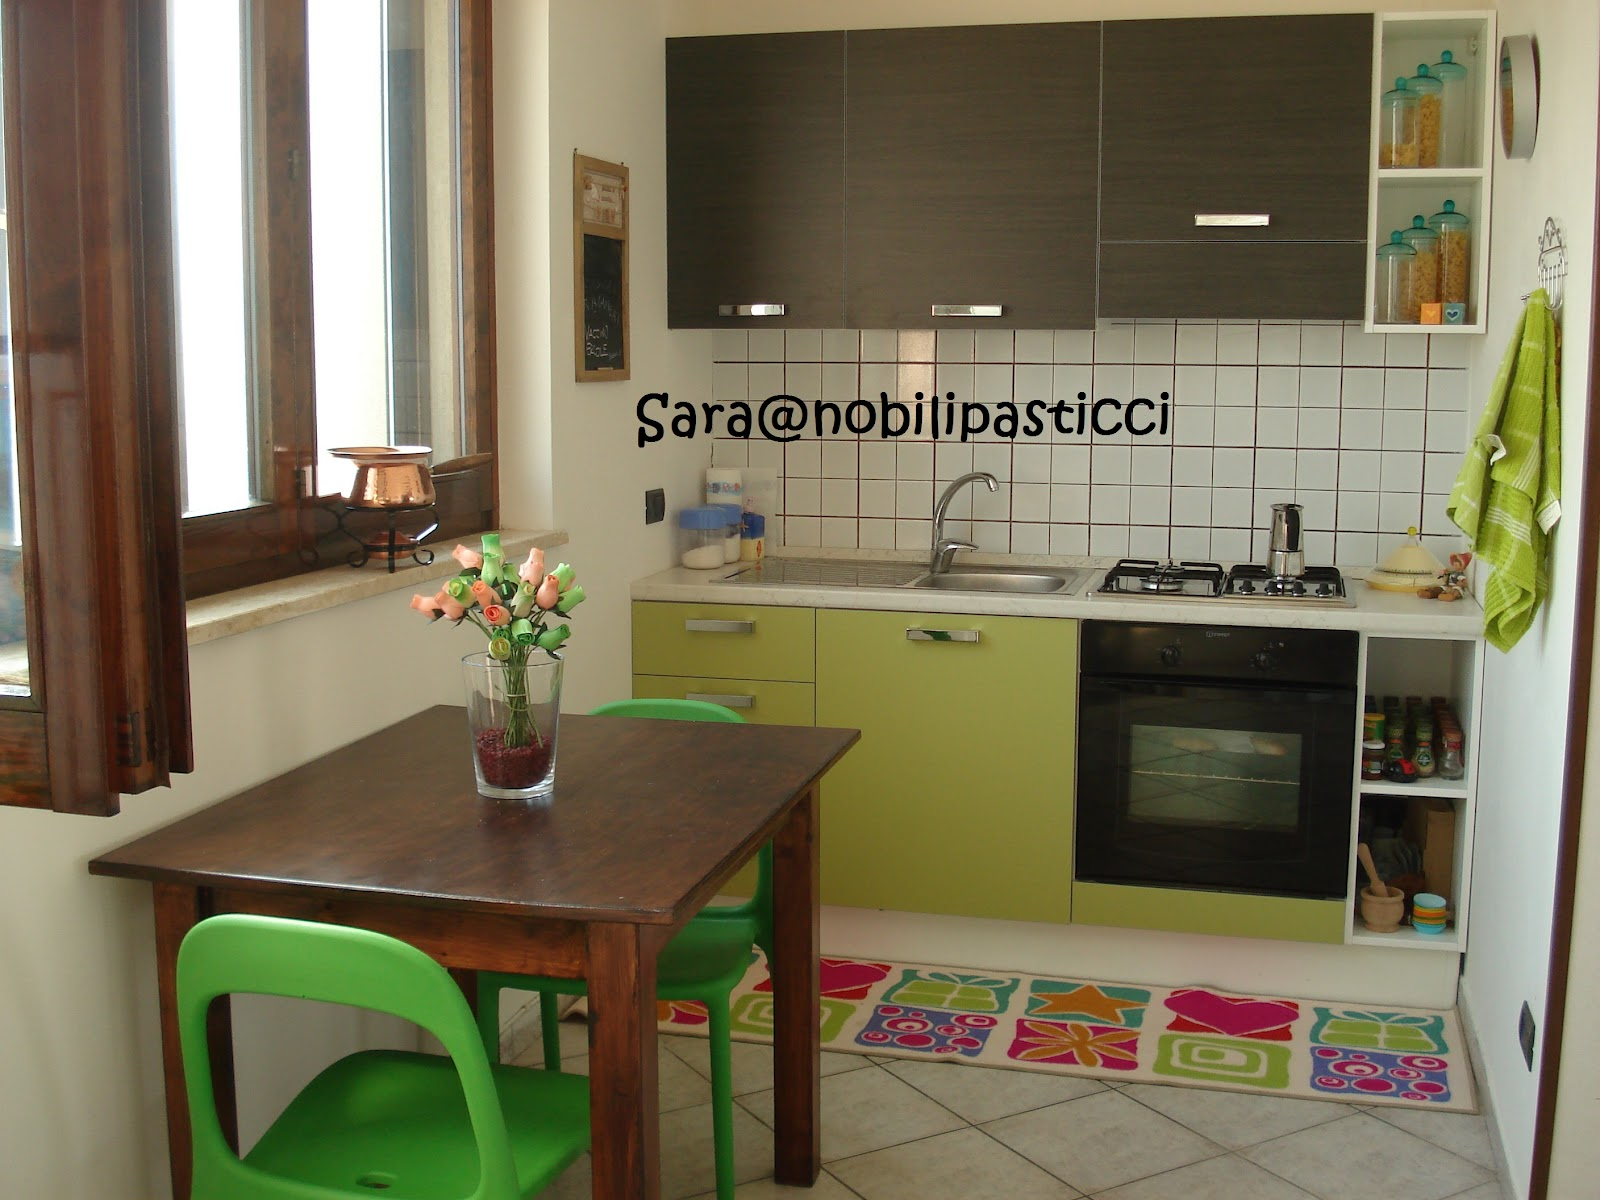 Nobili pasticci la mia cucina - Cucina e pasticci ...